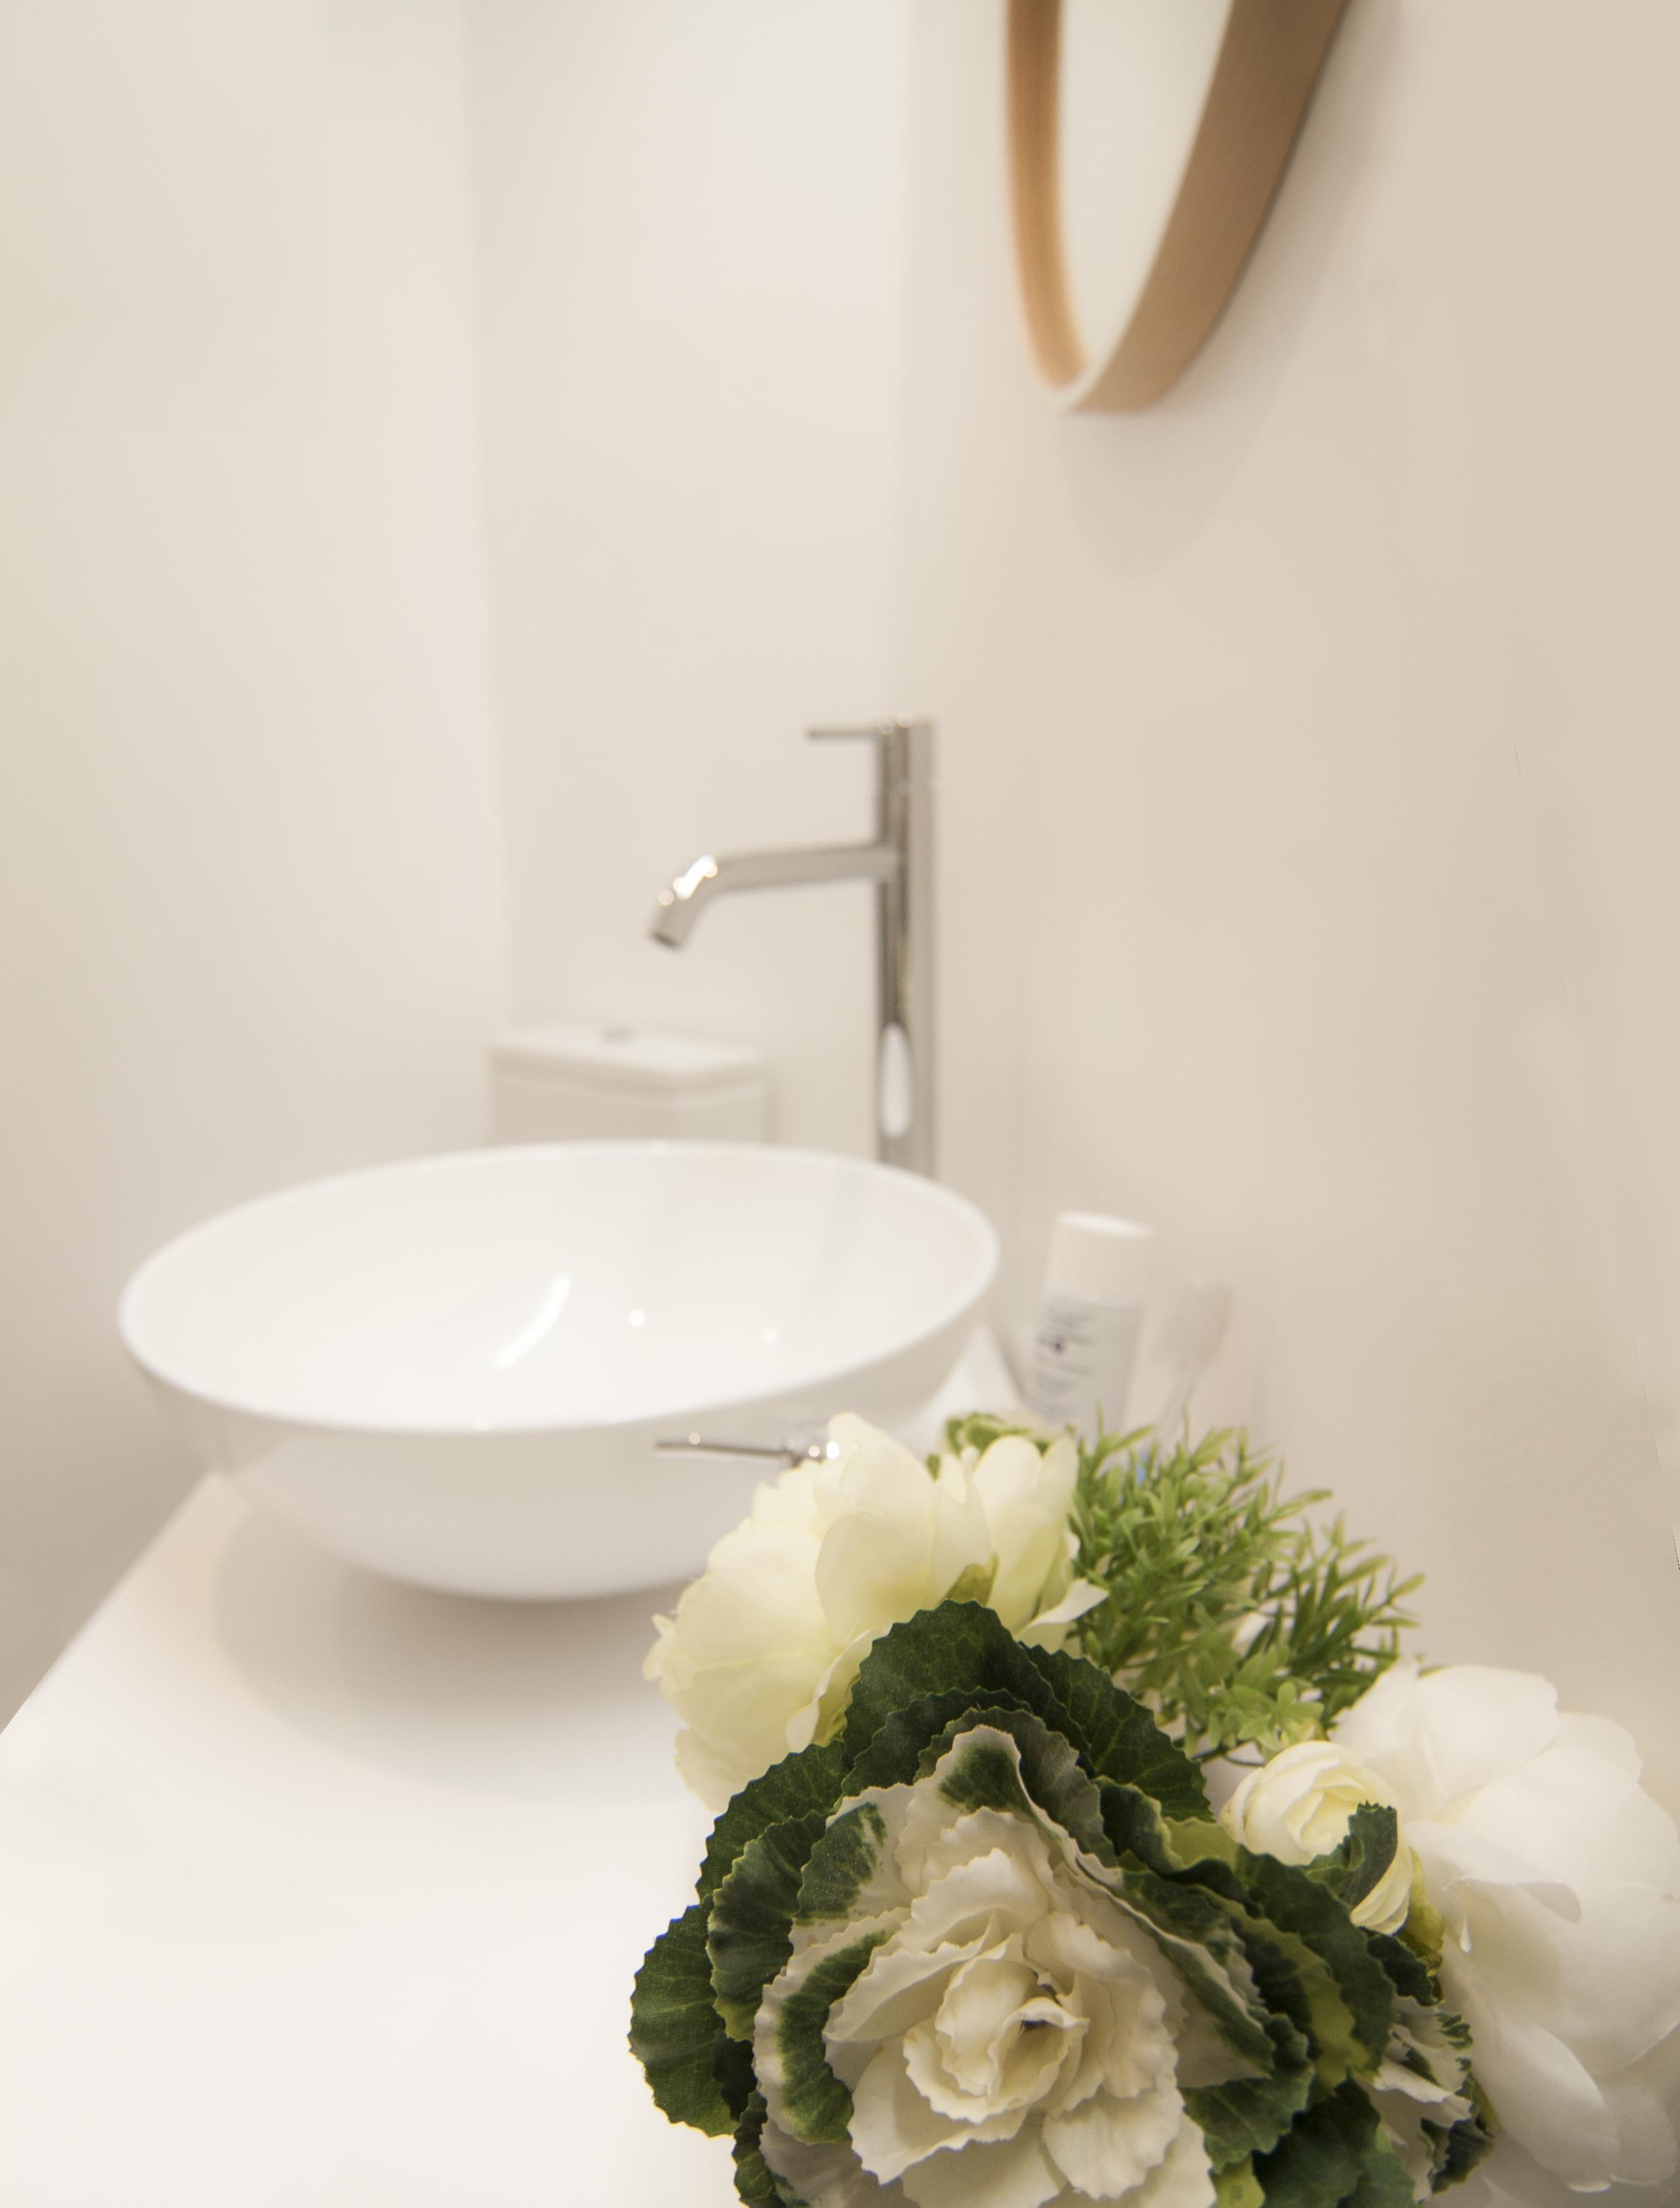 emmme studio_el nuevo baño de m y lola - detalle lavabo flores.png